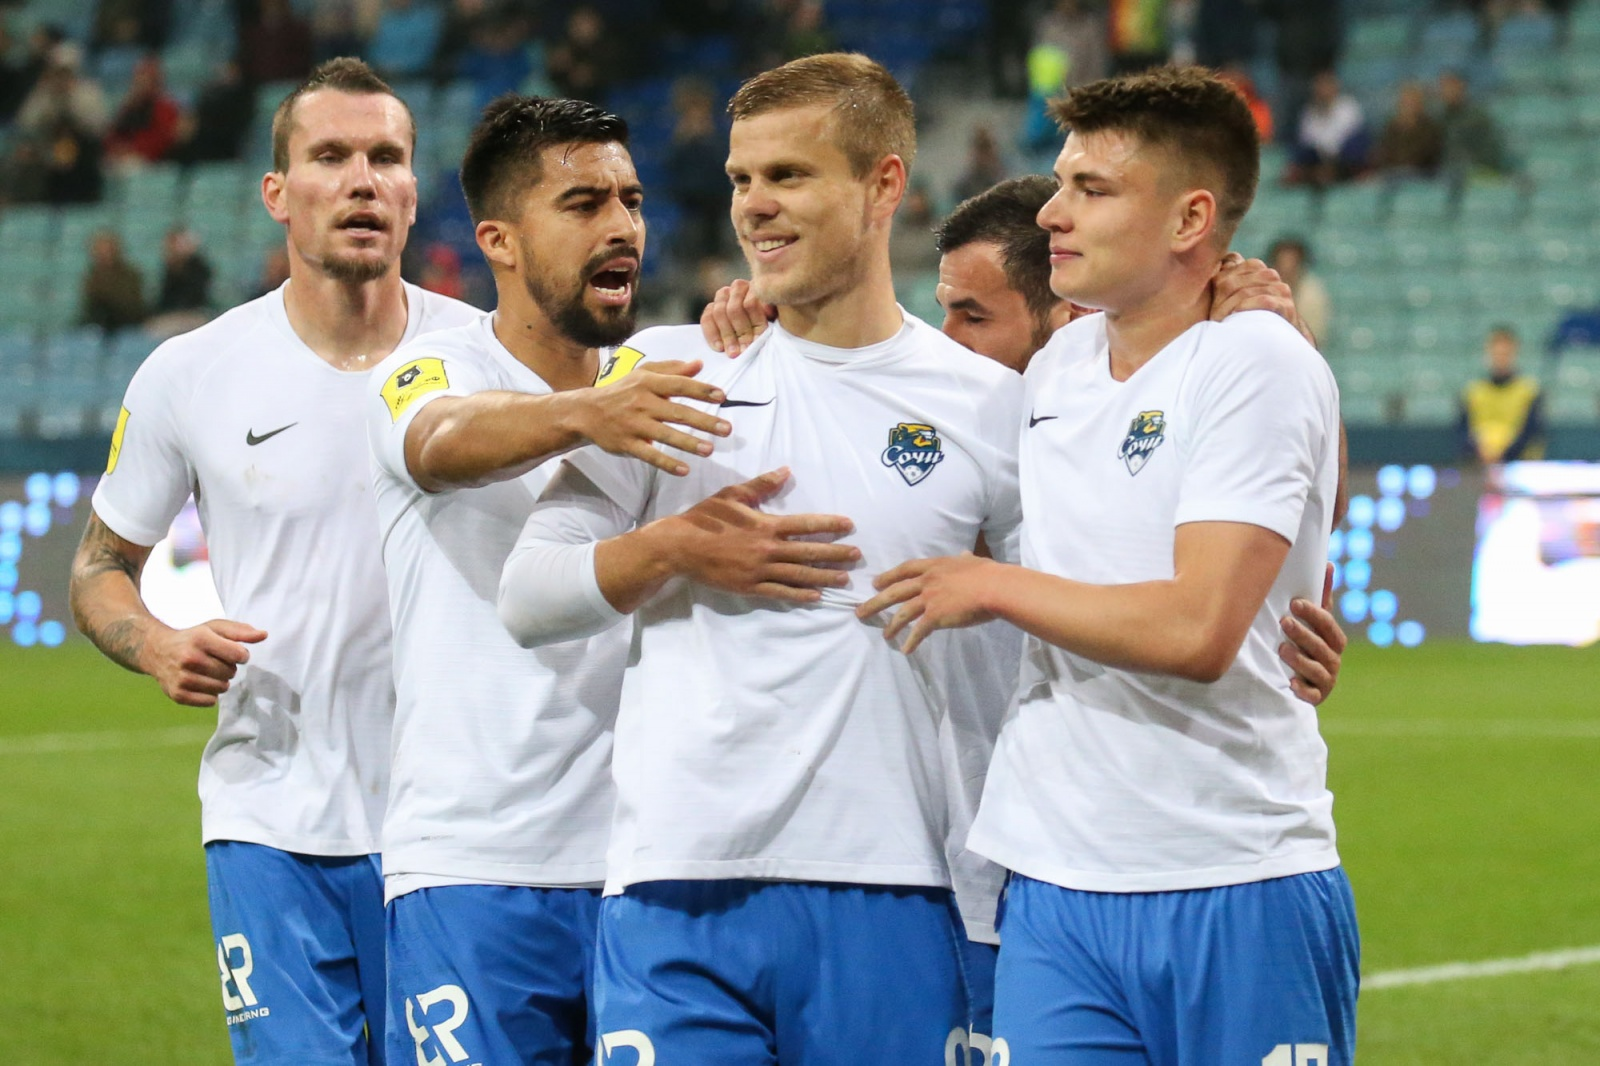 Первая разгромная победа сезона и дубль Кокорина